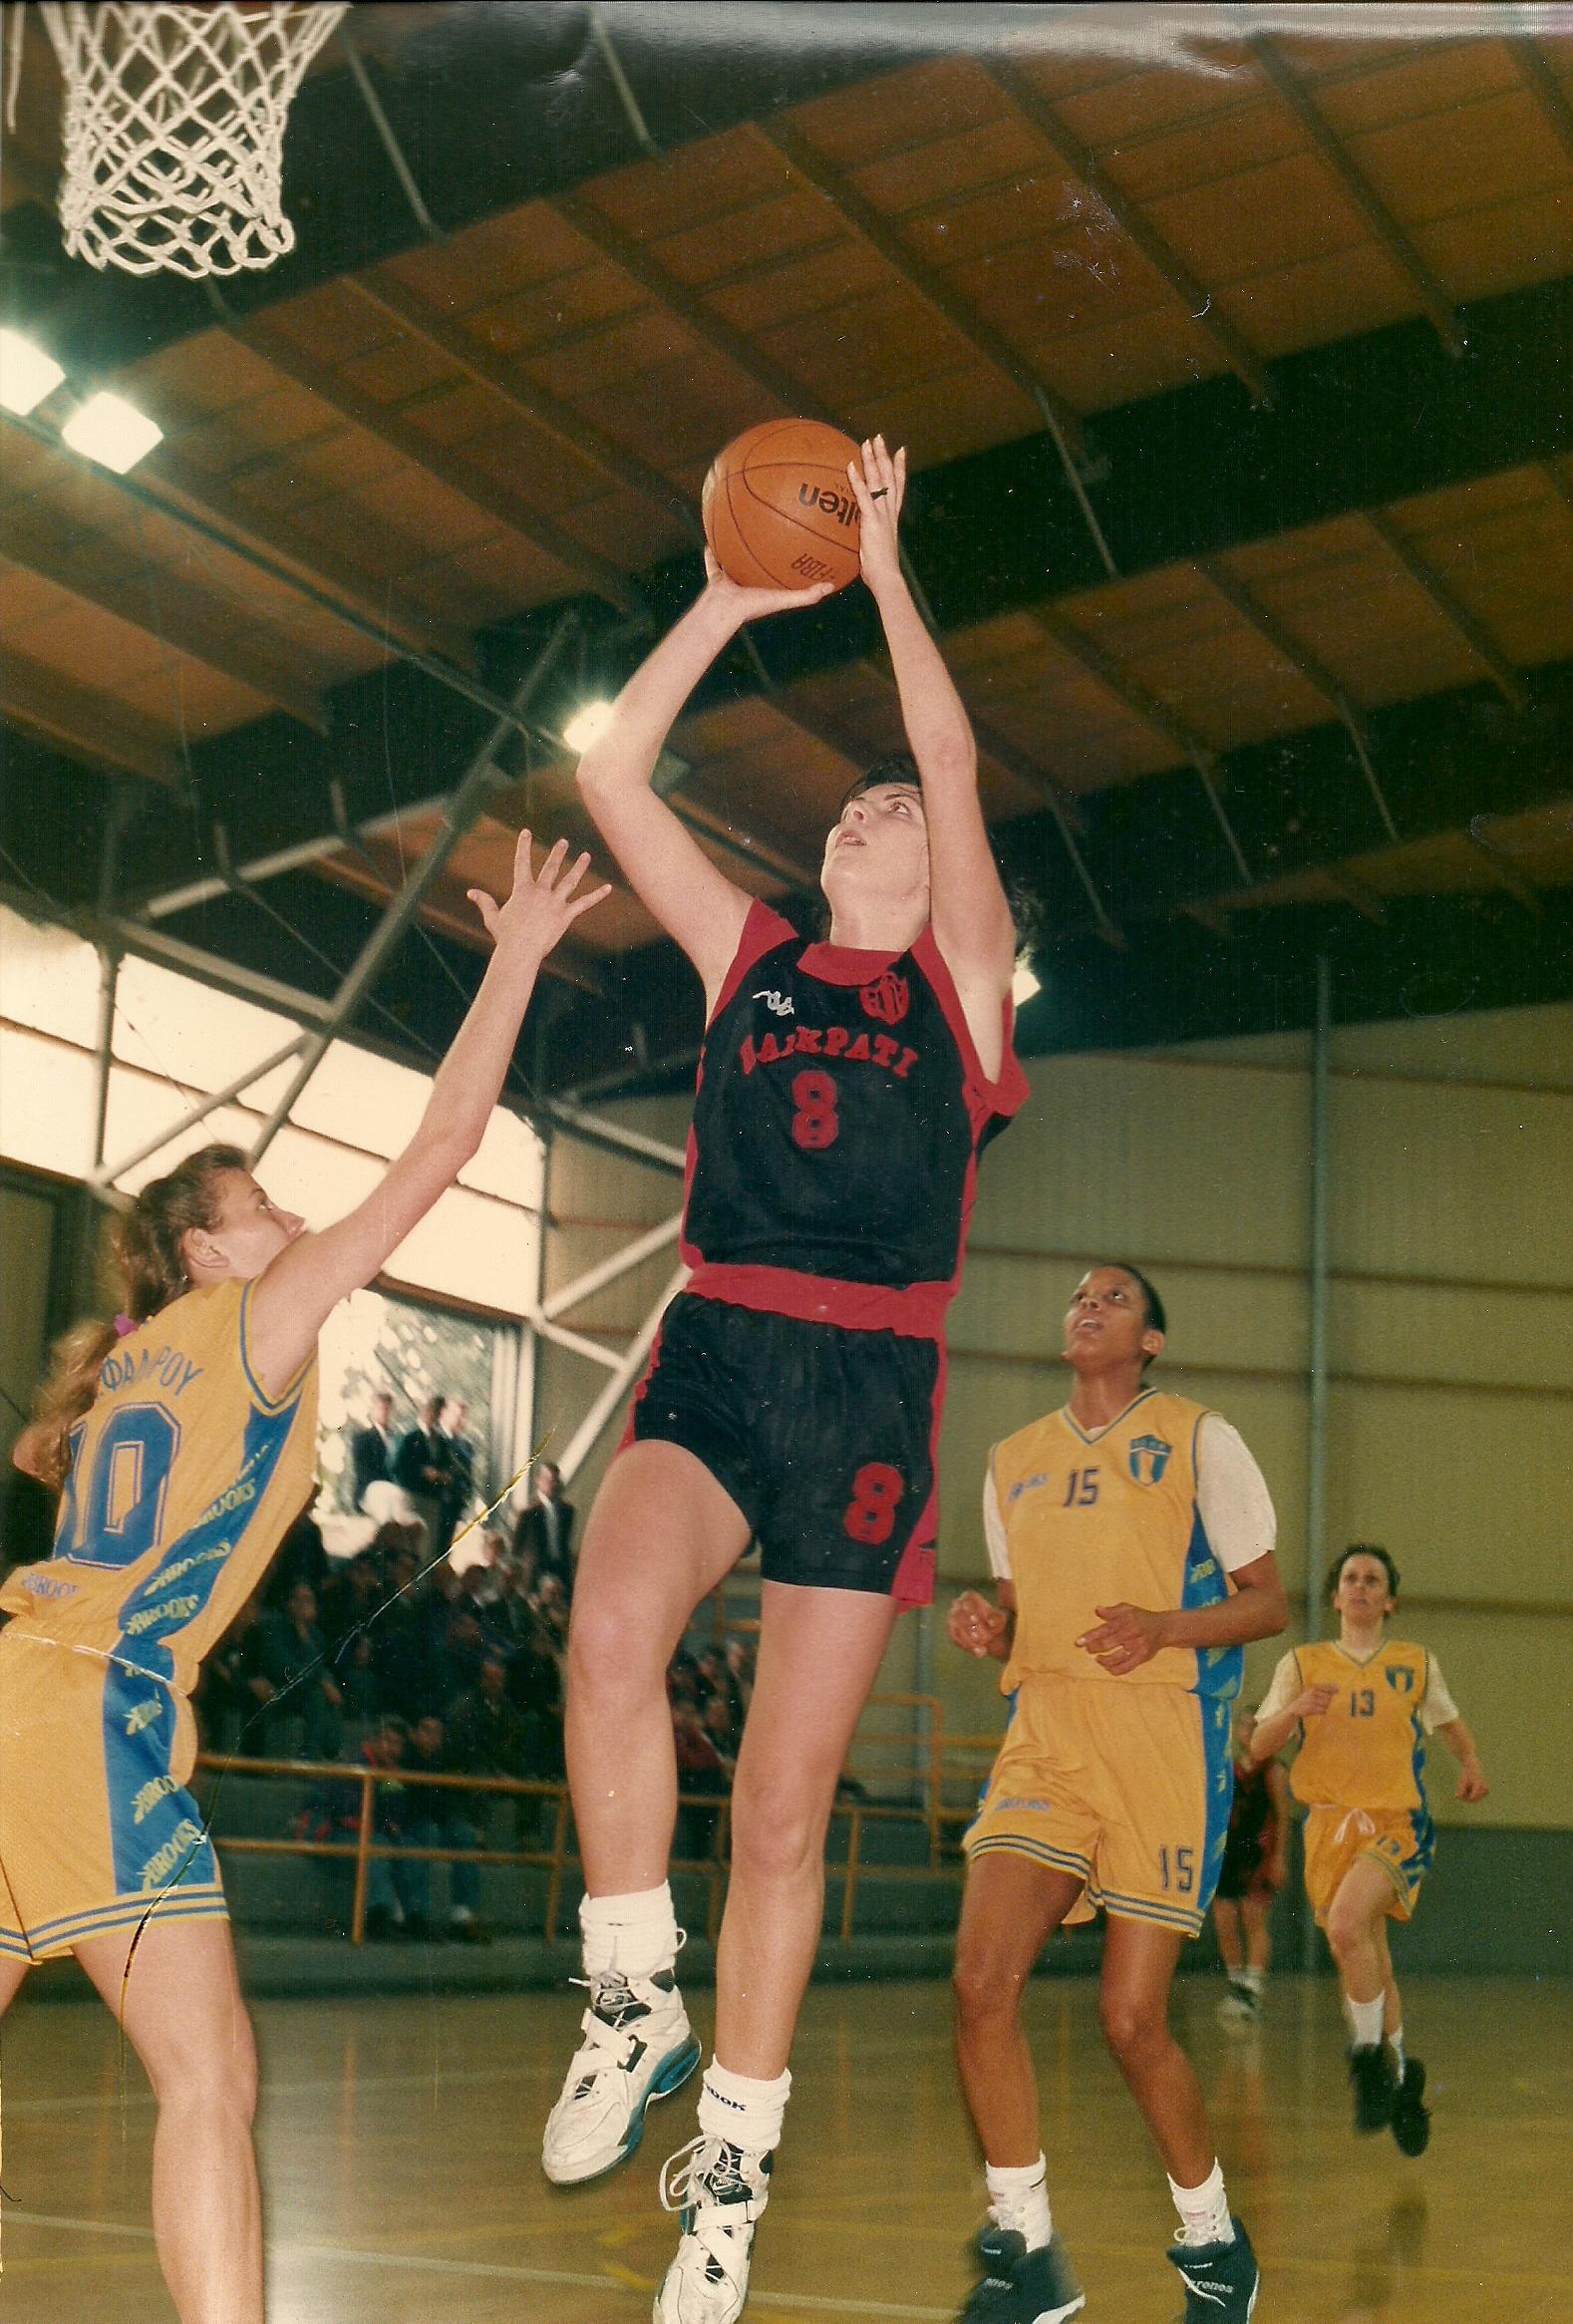 Πριν από τους Ροζ Πάνθηρες έπαιζε επαγγελματικά μπάσκετ